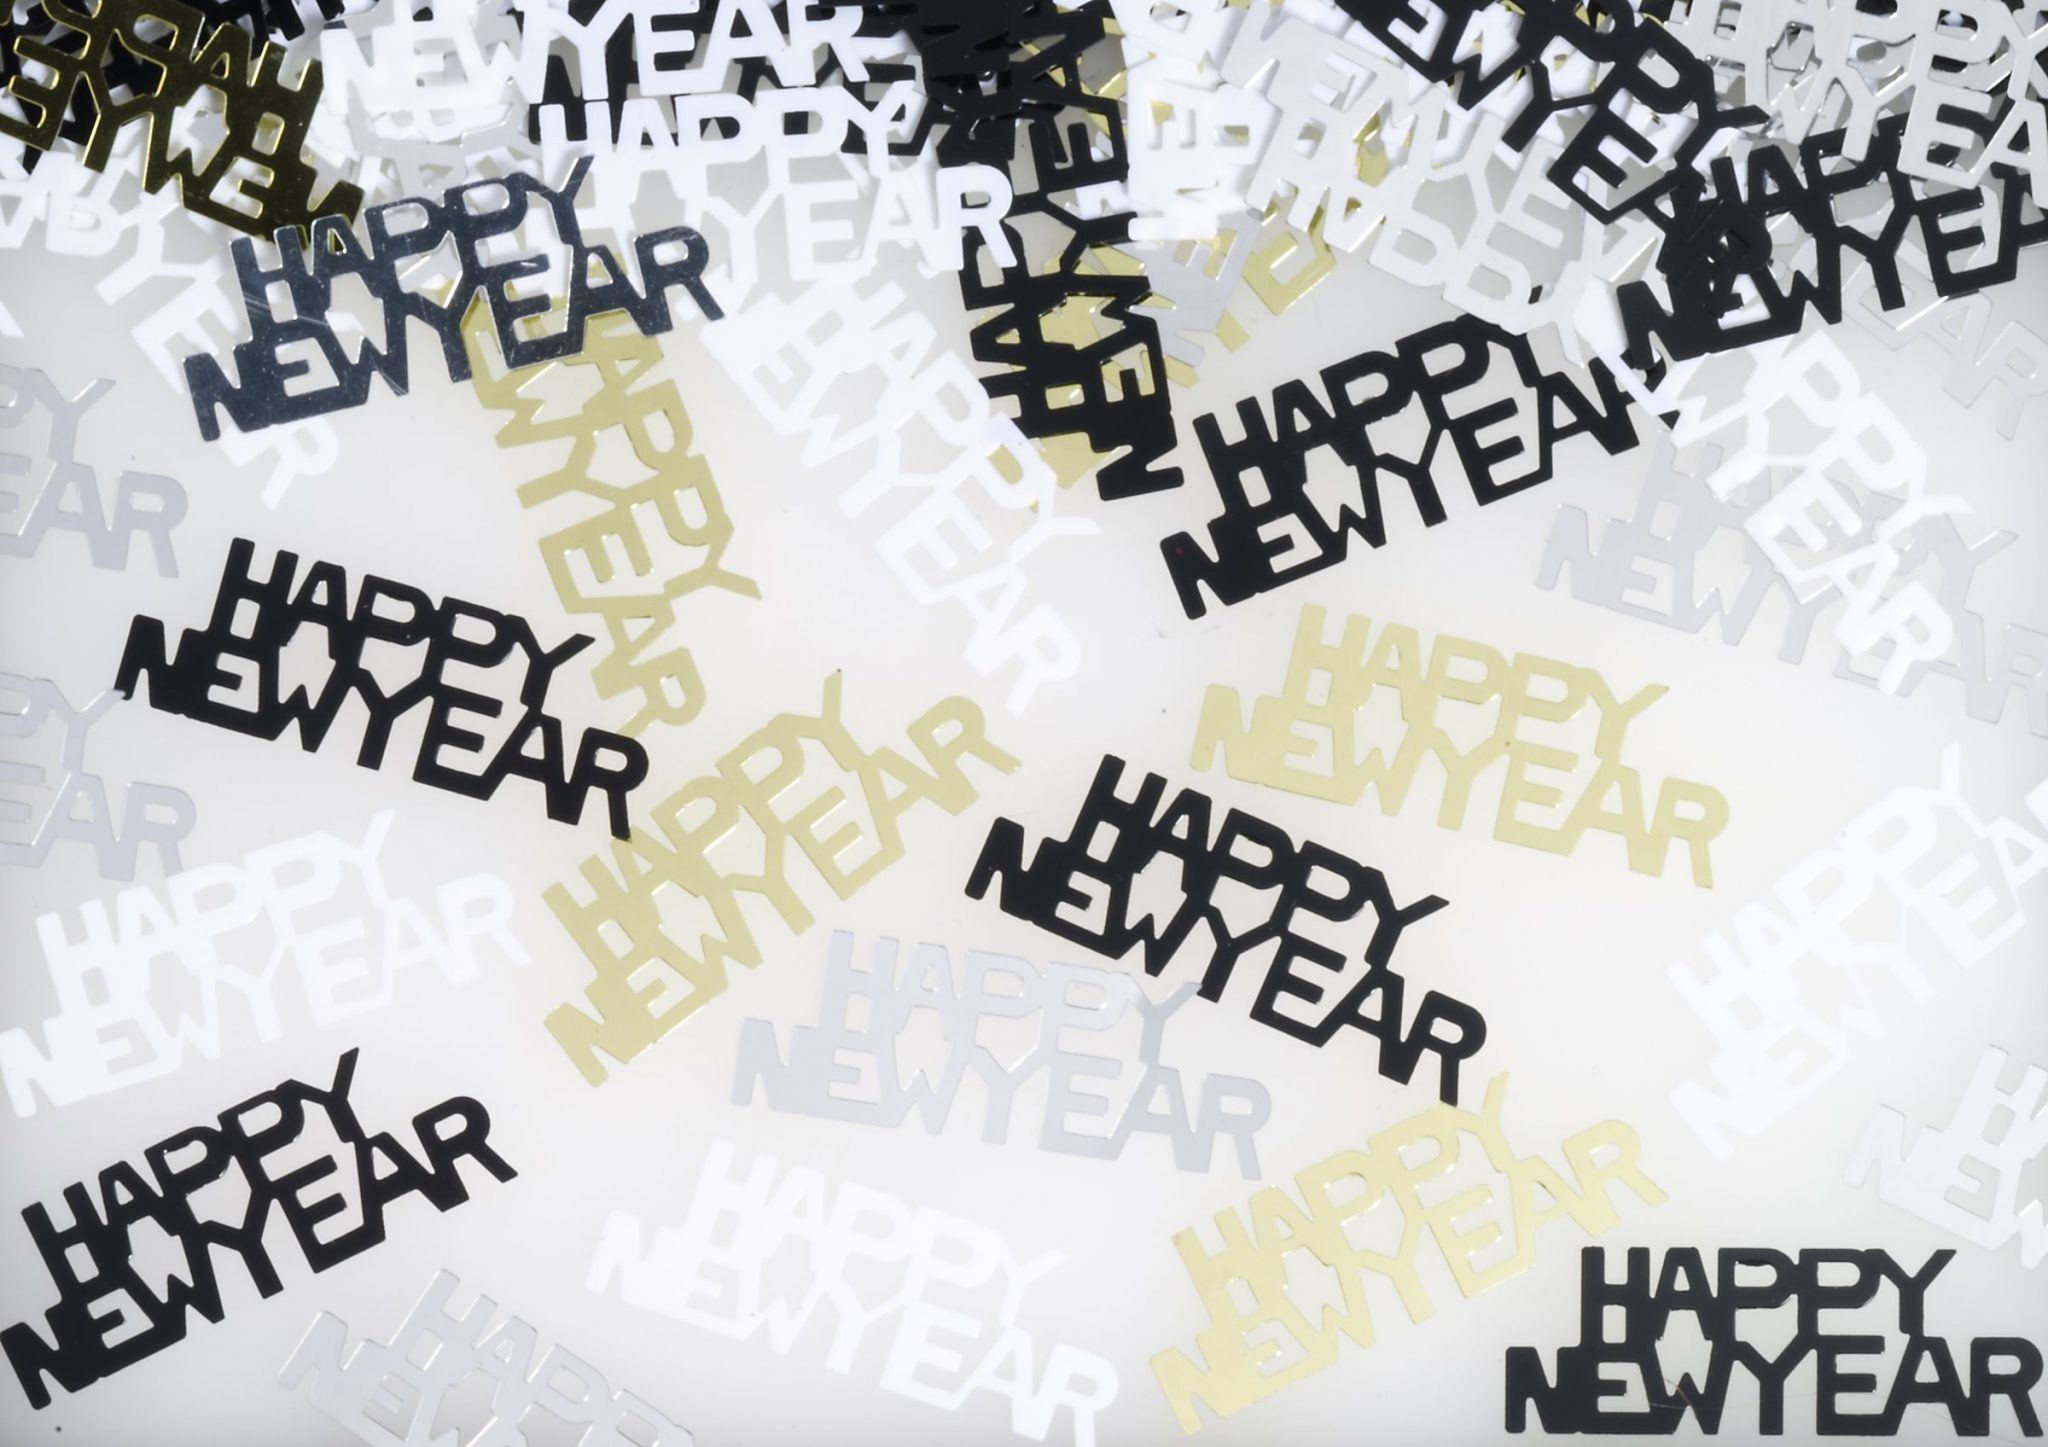 קונפטי שחור Happy New Year, סילבסטר, מסיבת סילבסטר, קישוטים לסילבסטר, אביזרים למסיבת סילבסטר, 2020, קונפטי, Happy New Year